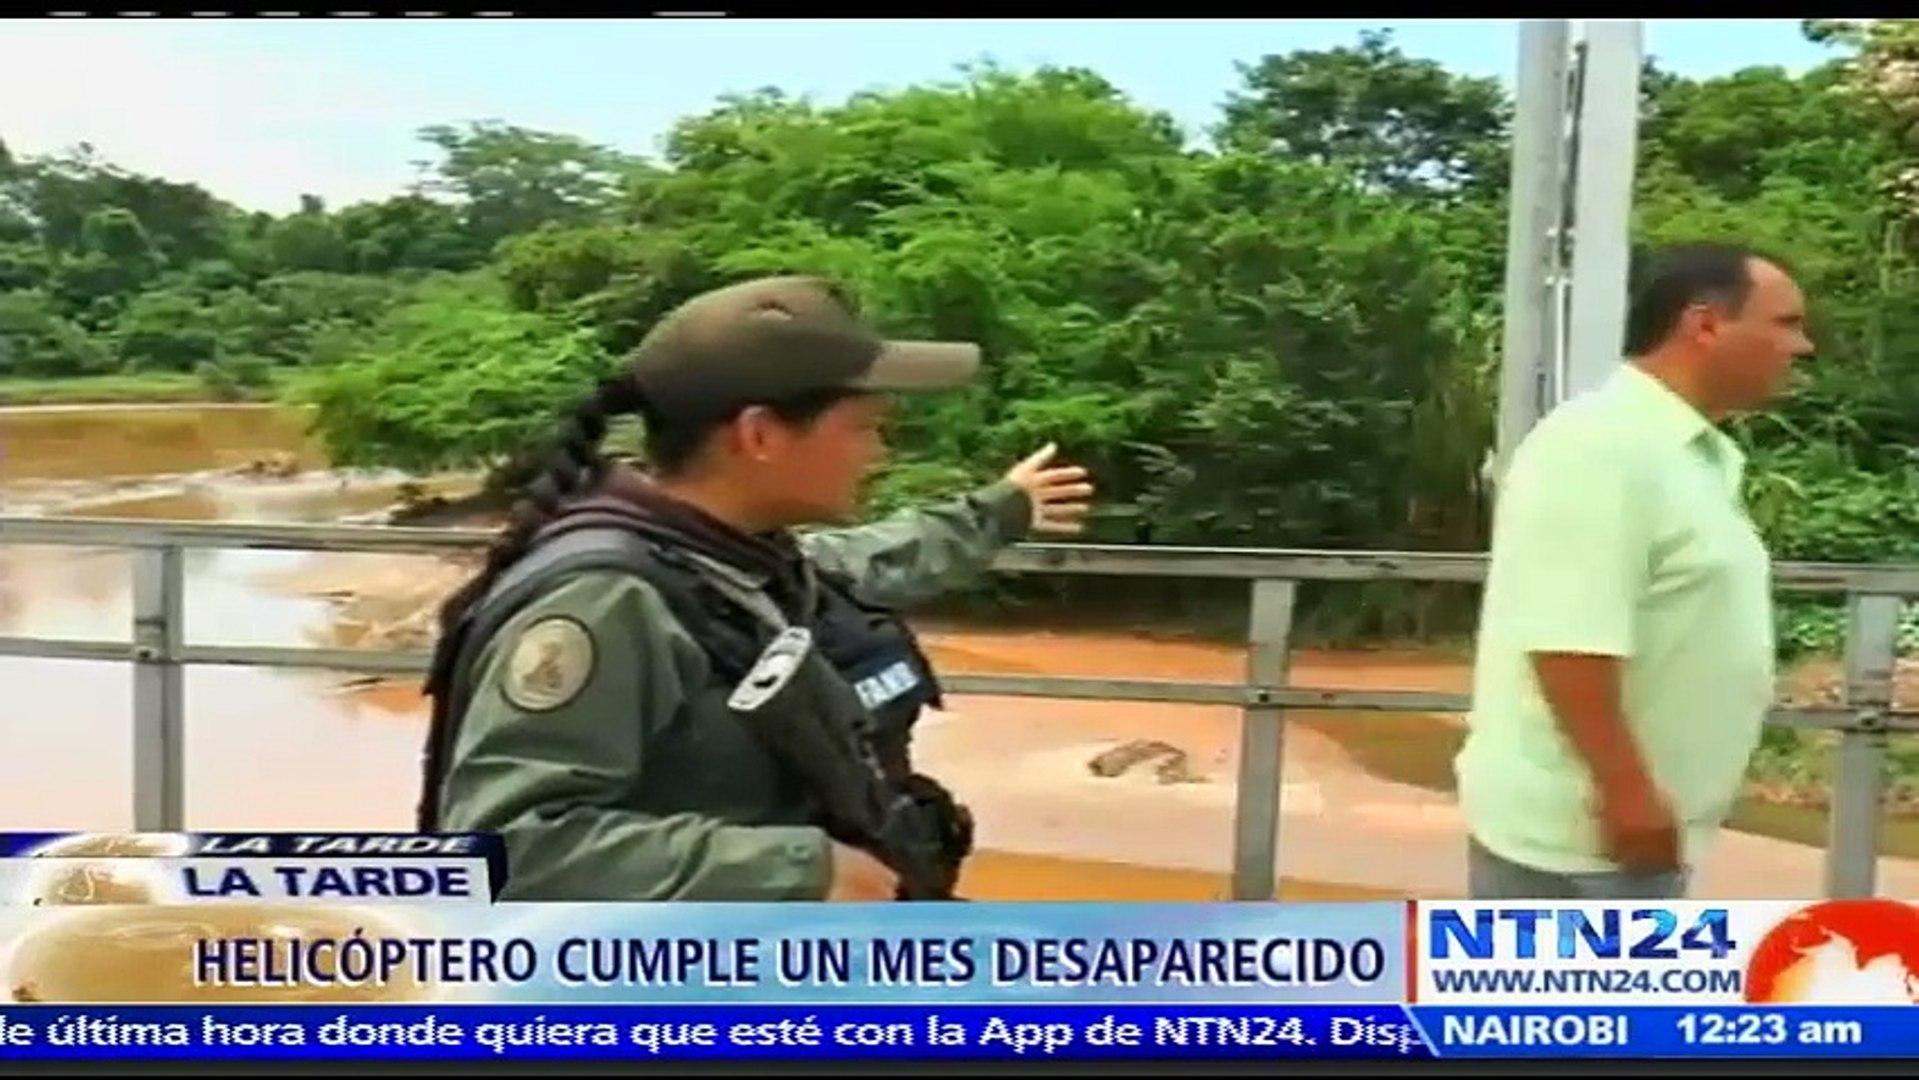 Asamblea Nacional venezolana investigará el caso del helicóptero desaparecido el 30 de diciembre en